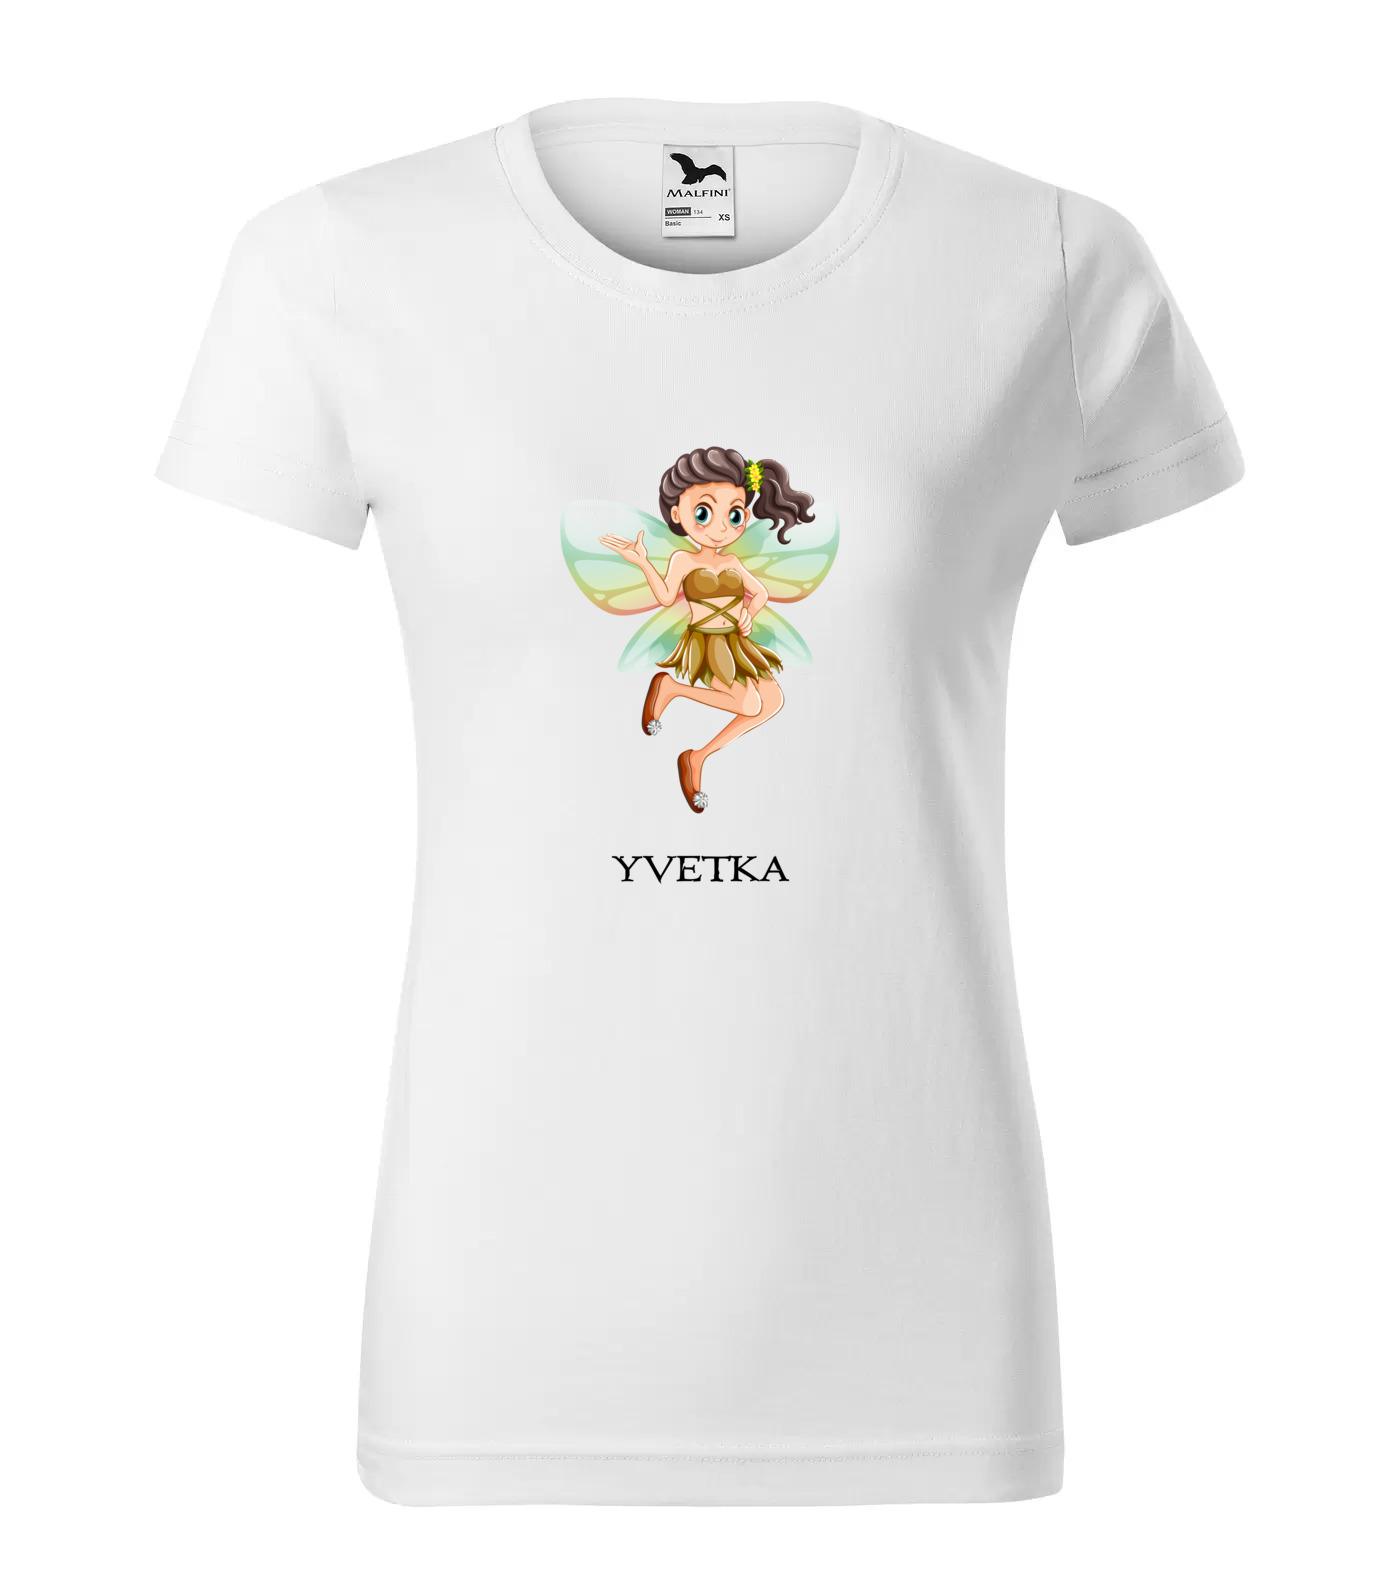 Tričko Víla Yvetka